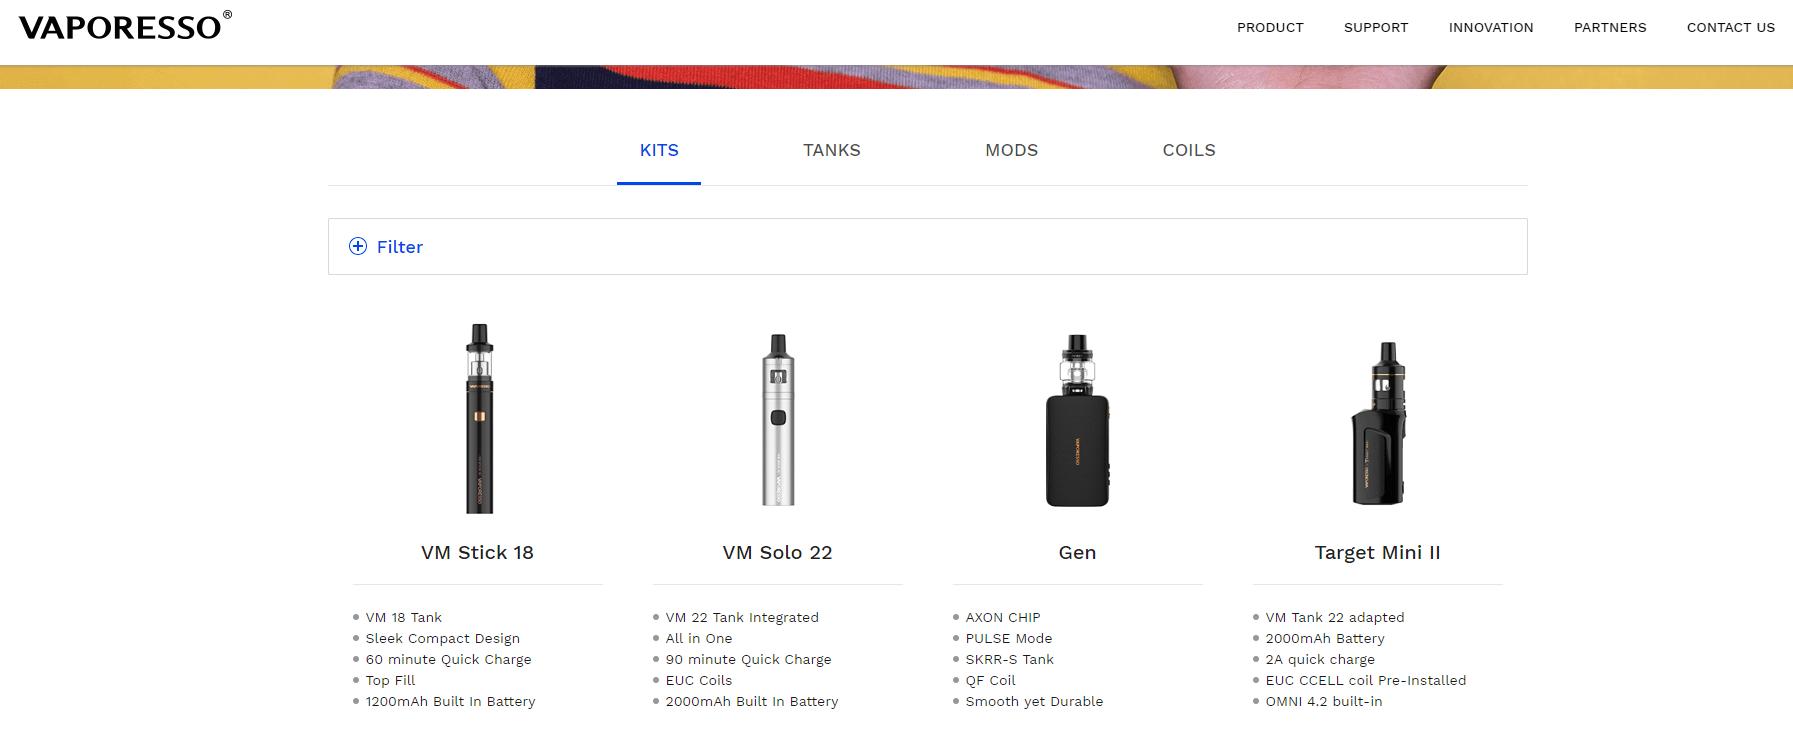 vaporesso-official-site